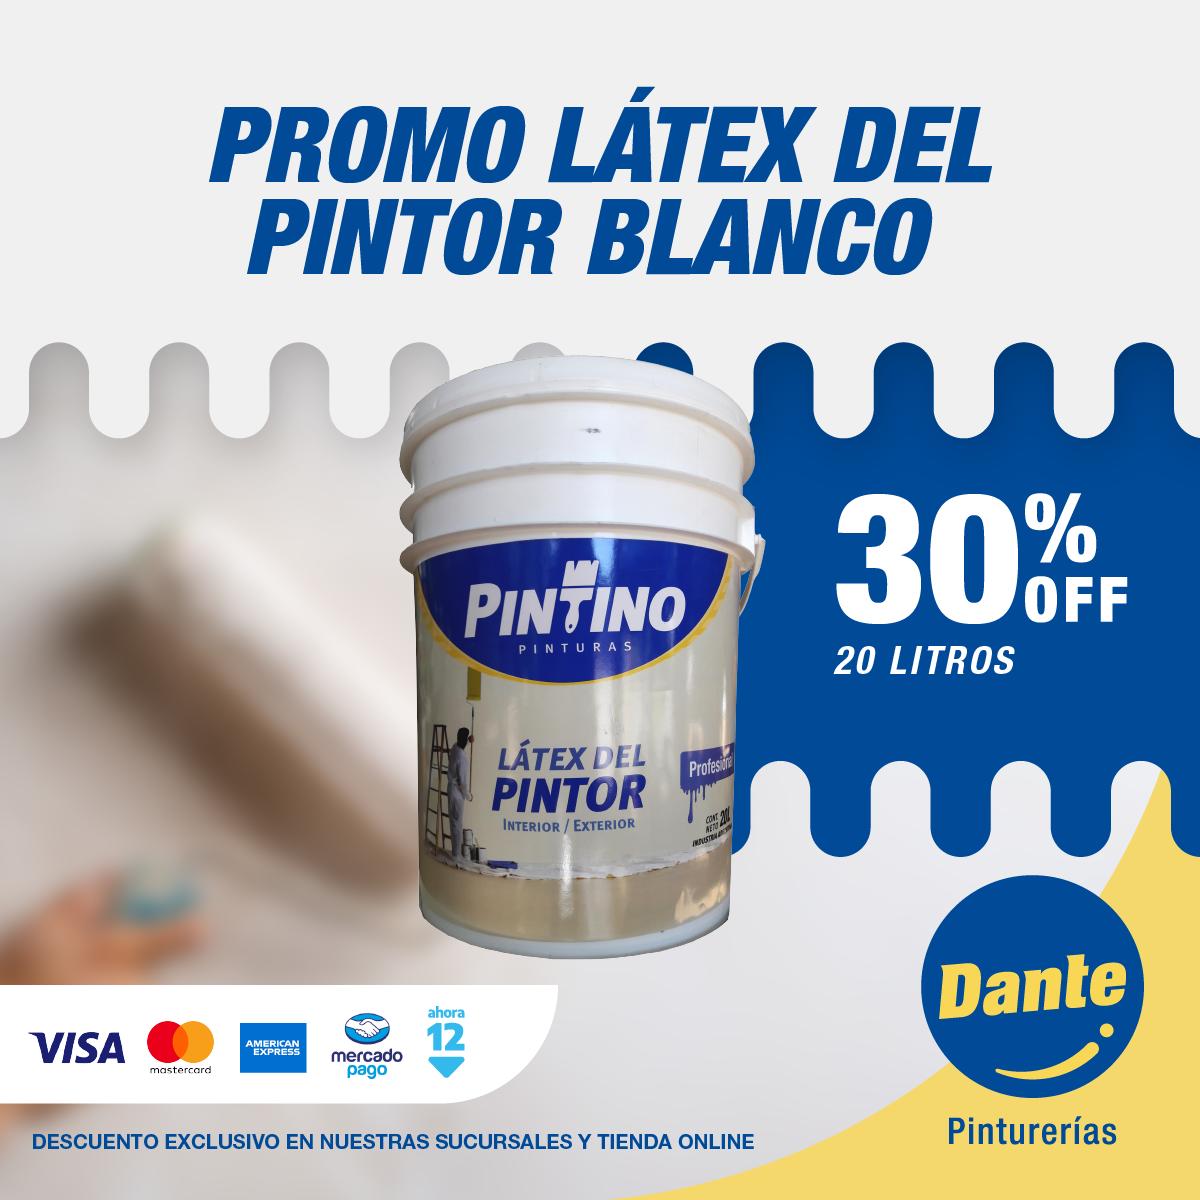 Promo Látex